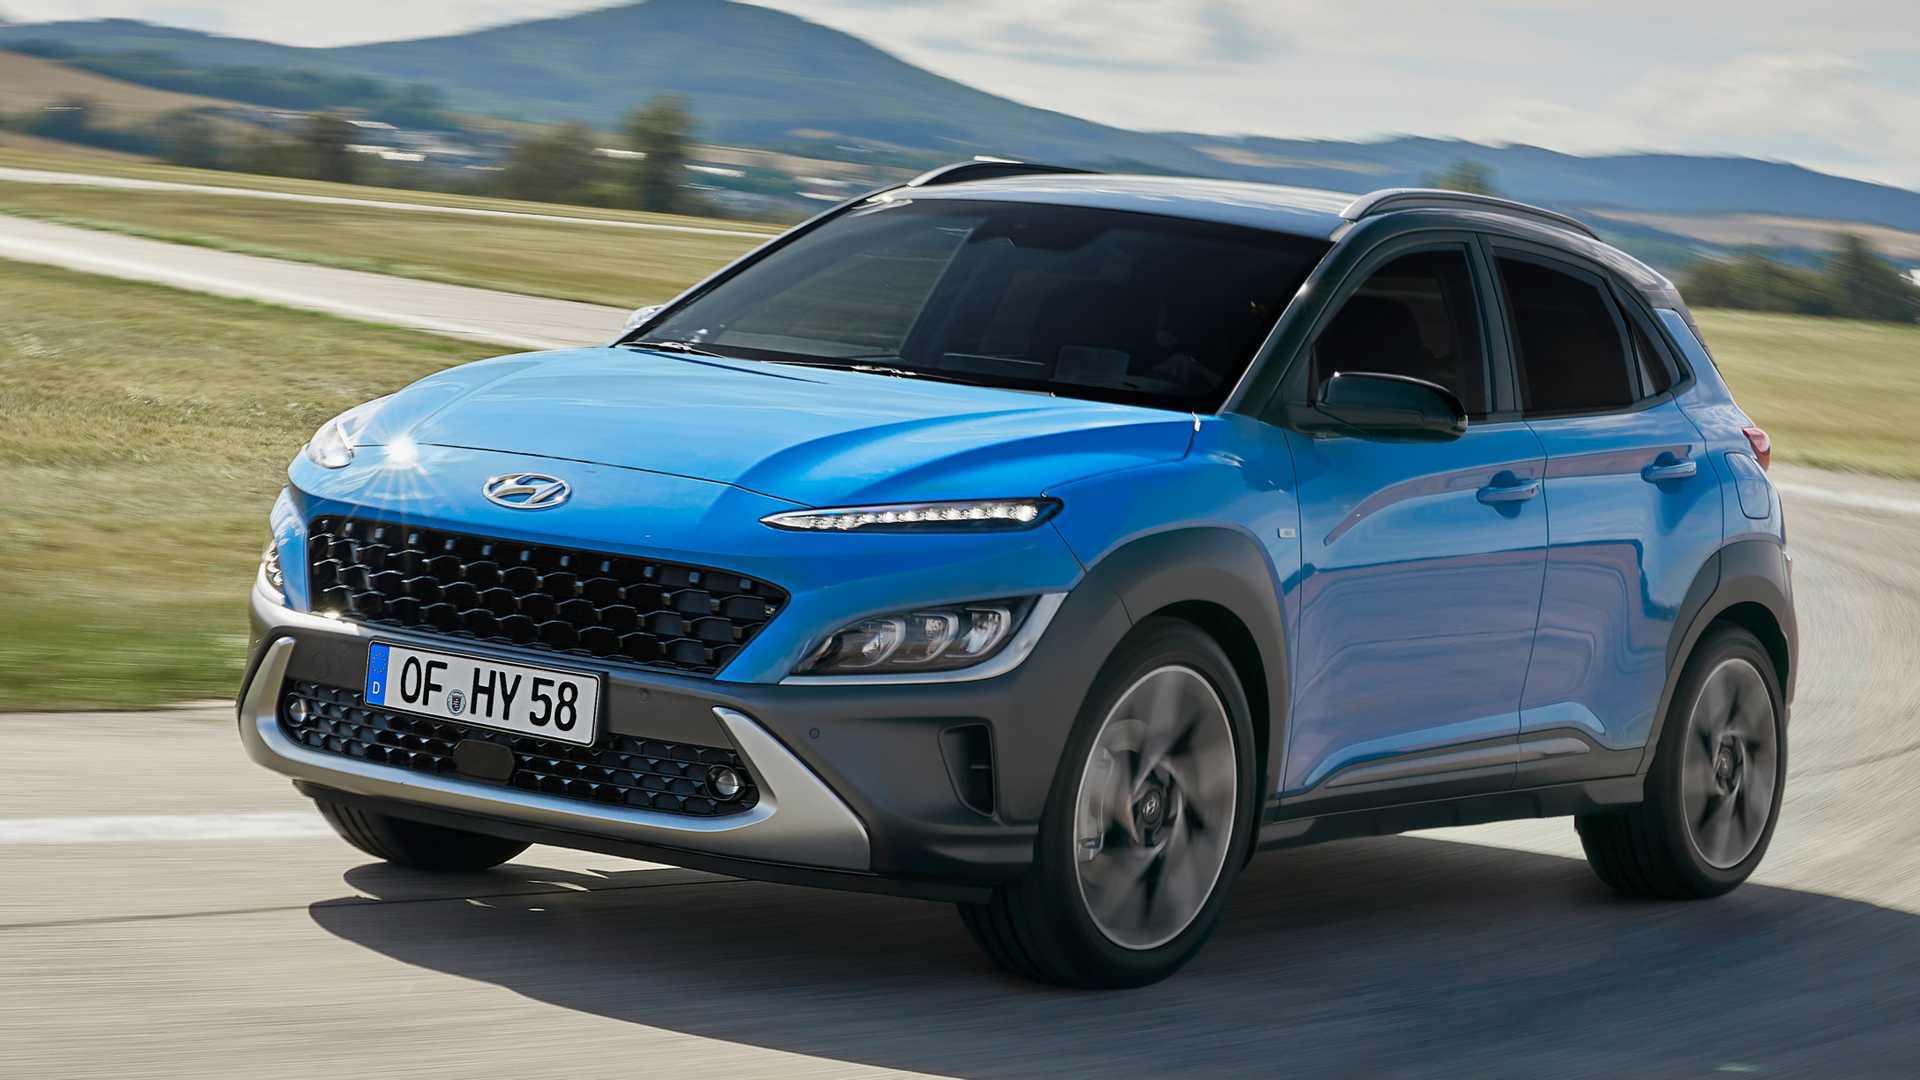 Hyundai Kona Facelift (2021): Jetzt gibt es richtige Bilder